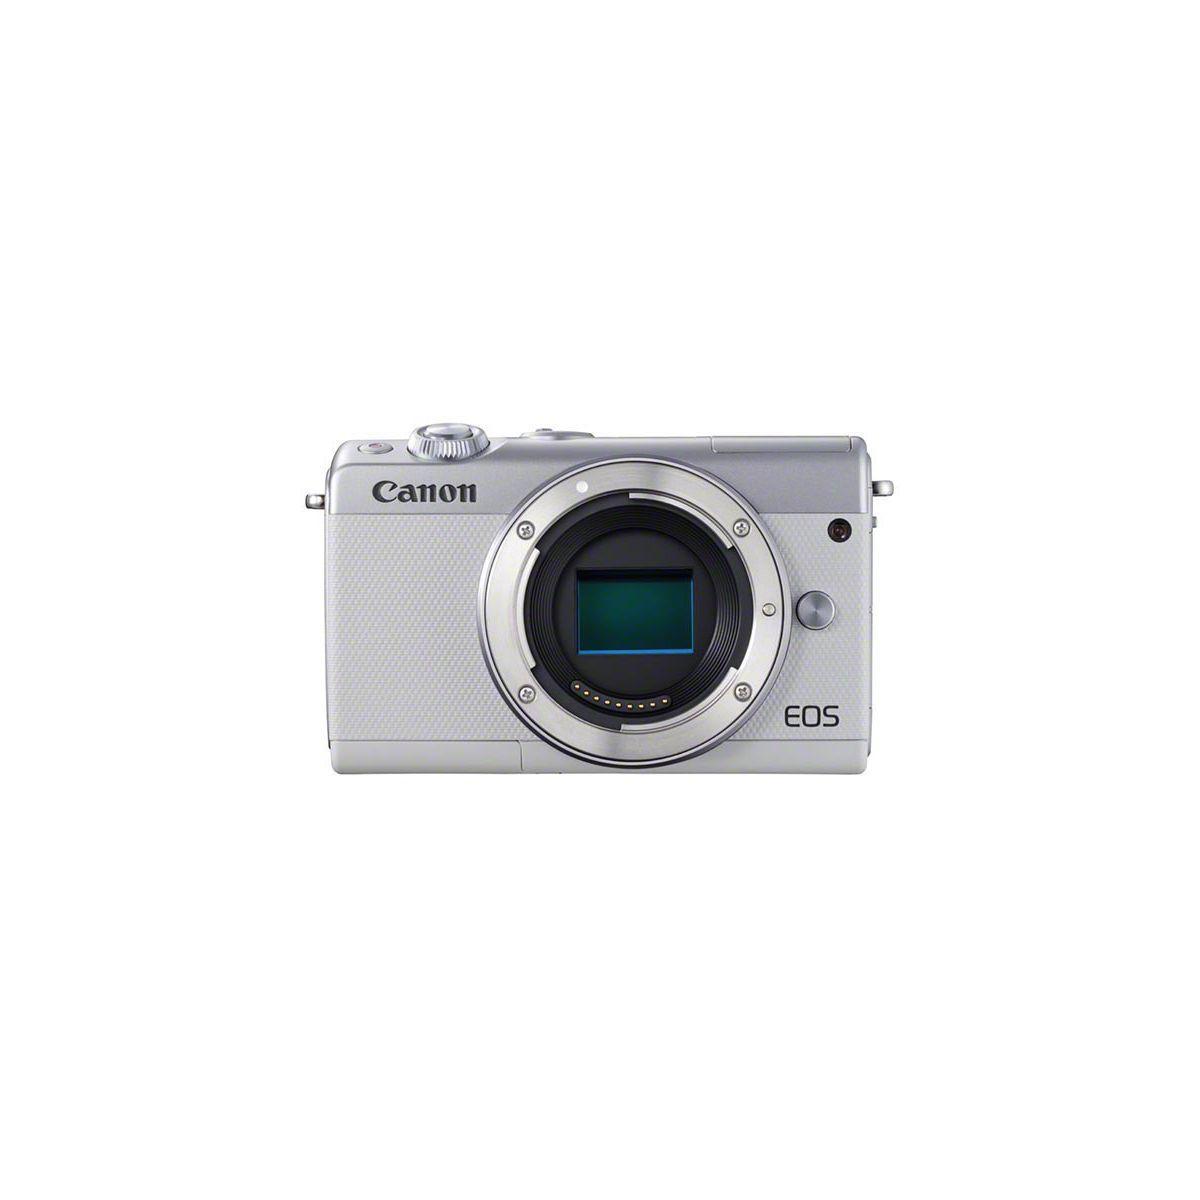 Appareil photo hybride canon eos m100 gris - 5% de remise imm�diate avec le code : deal5